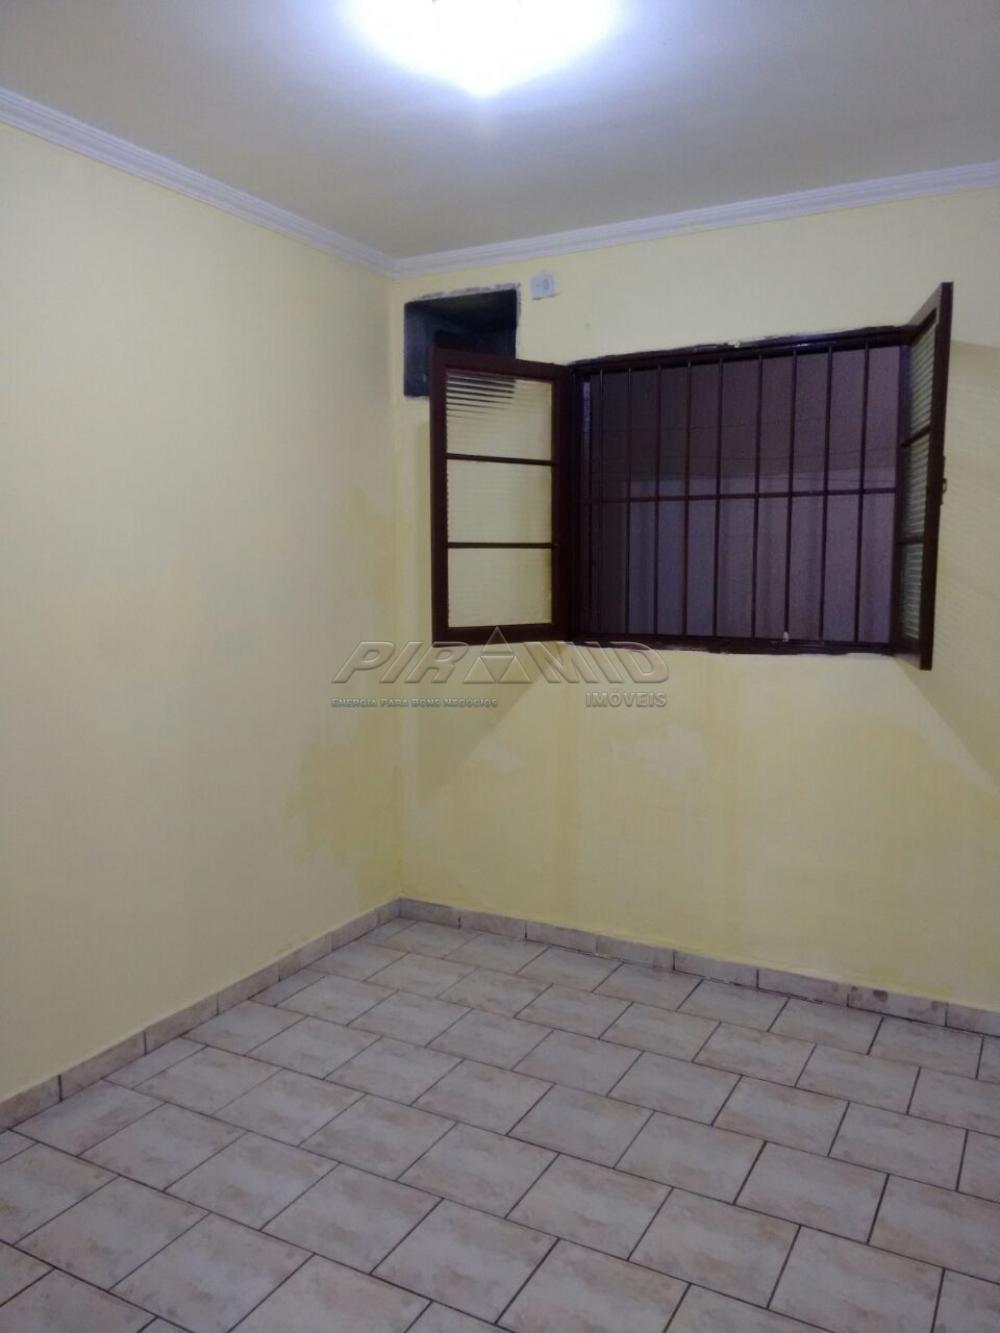 Comprar Casa / Padrão em Ribeirão Preto apenas R$ 210.000,00 - Foto 6